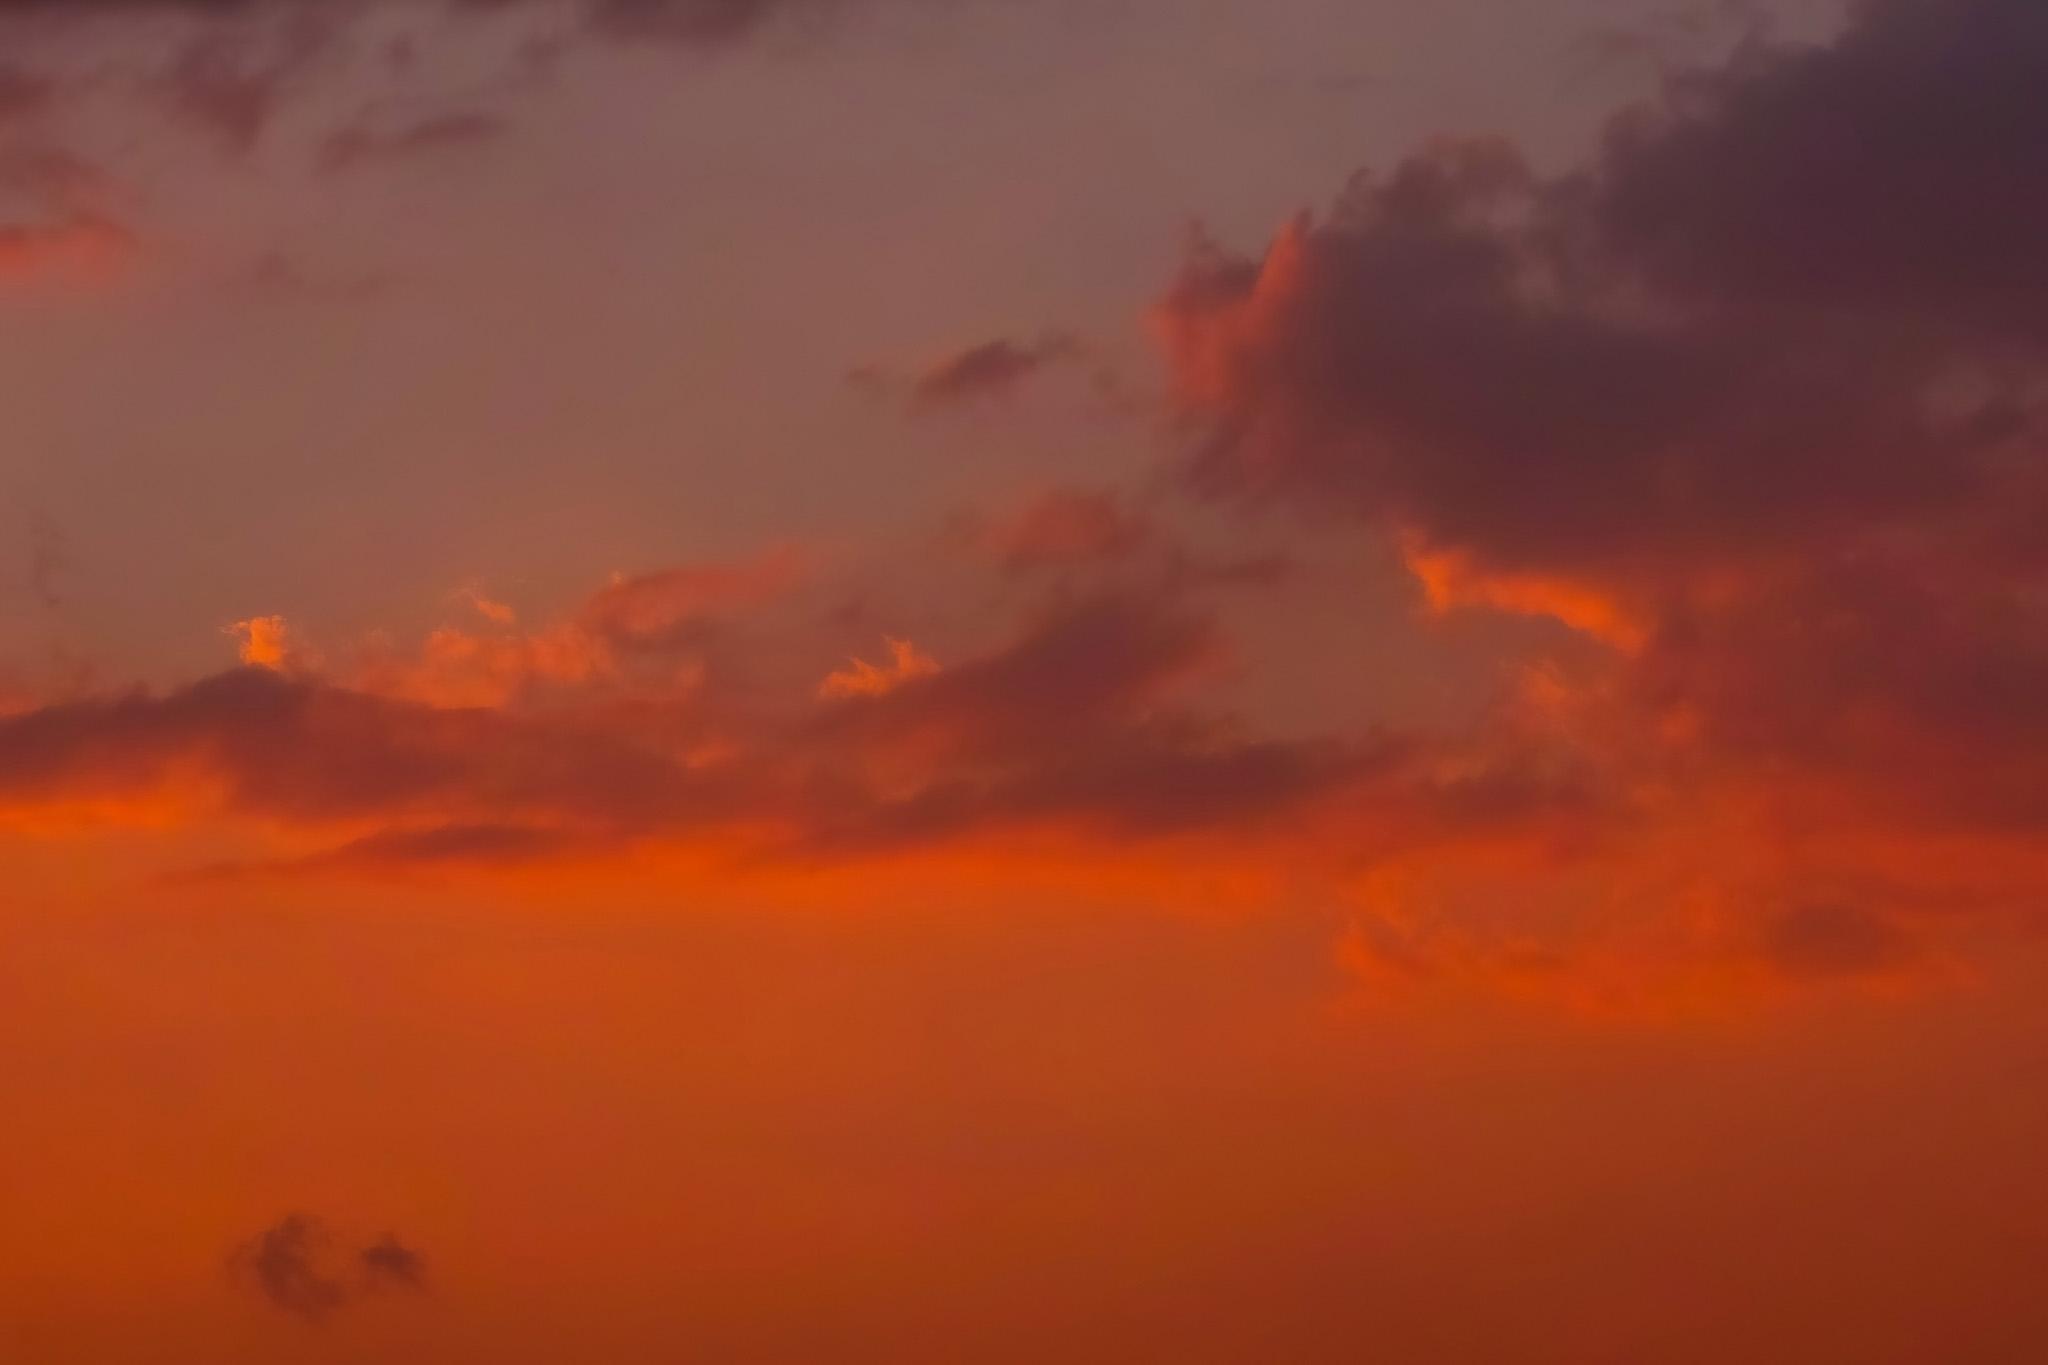 「オレンジ色の綺麗な夕焼け」